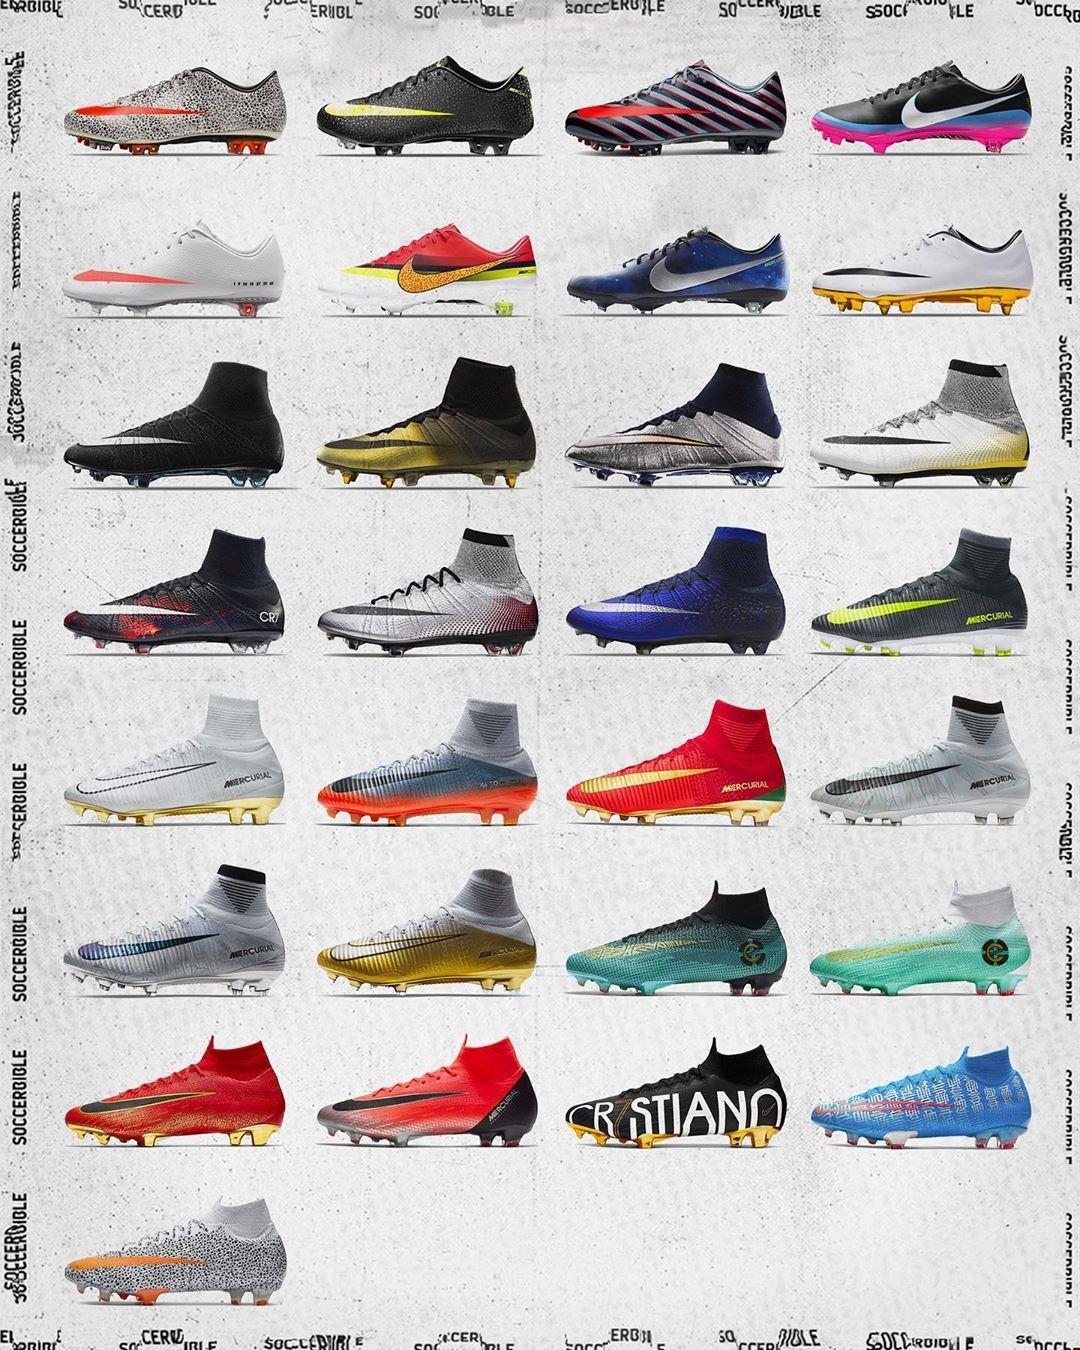 29 mẫu giày đặc biệt dành riêng cho CR7